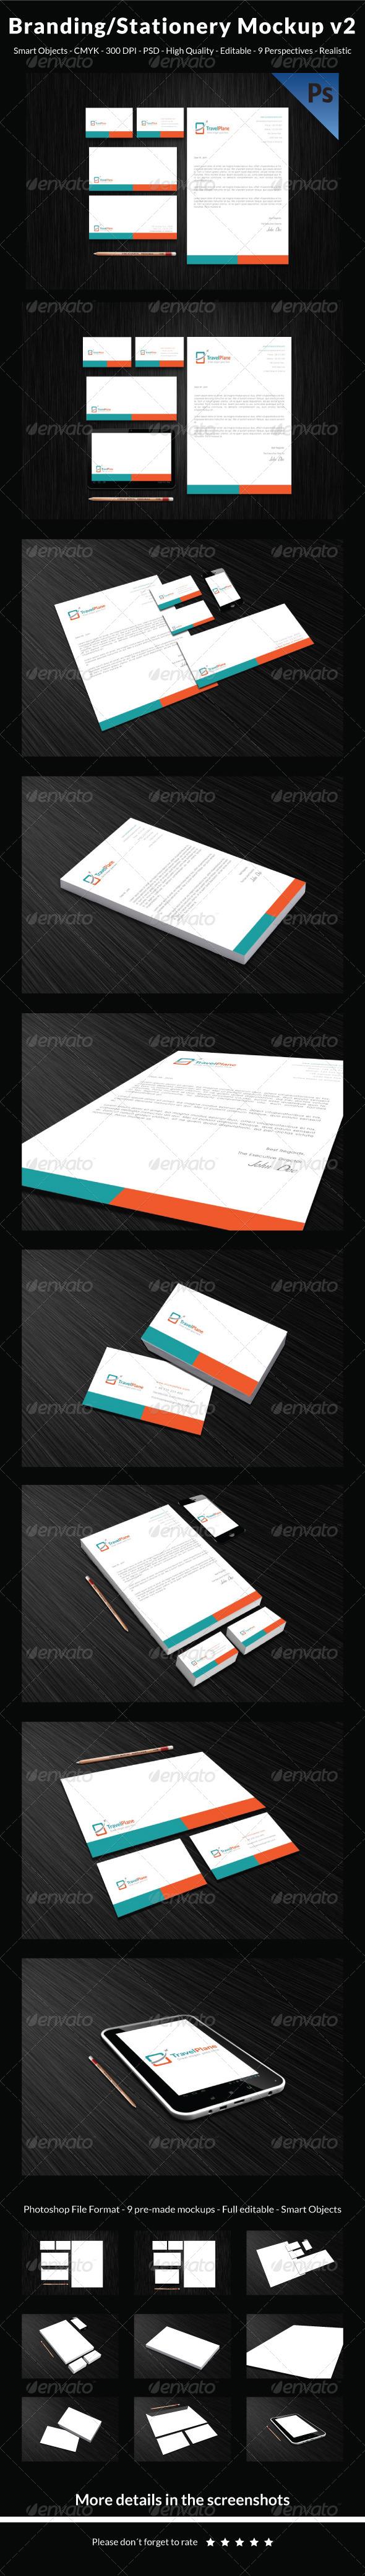 Clean Branding/Stationery Mockup v2 - Stationery Print